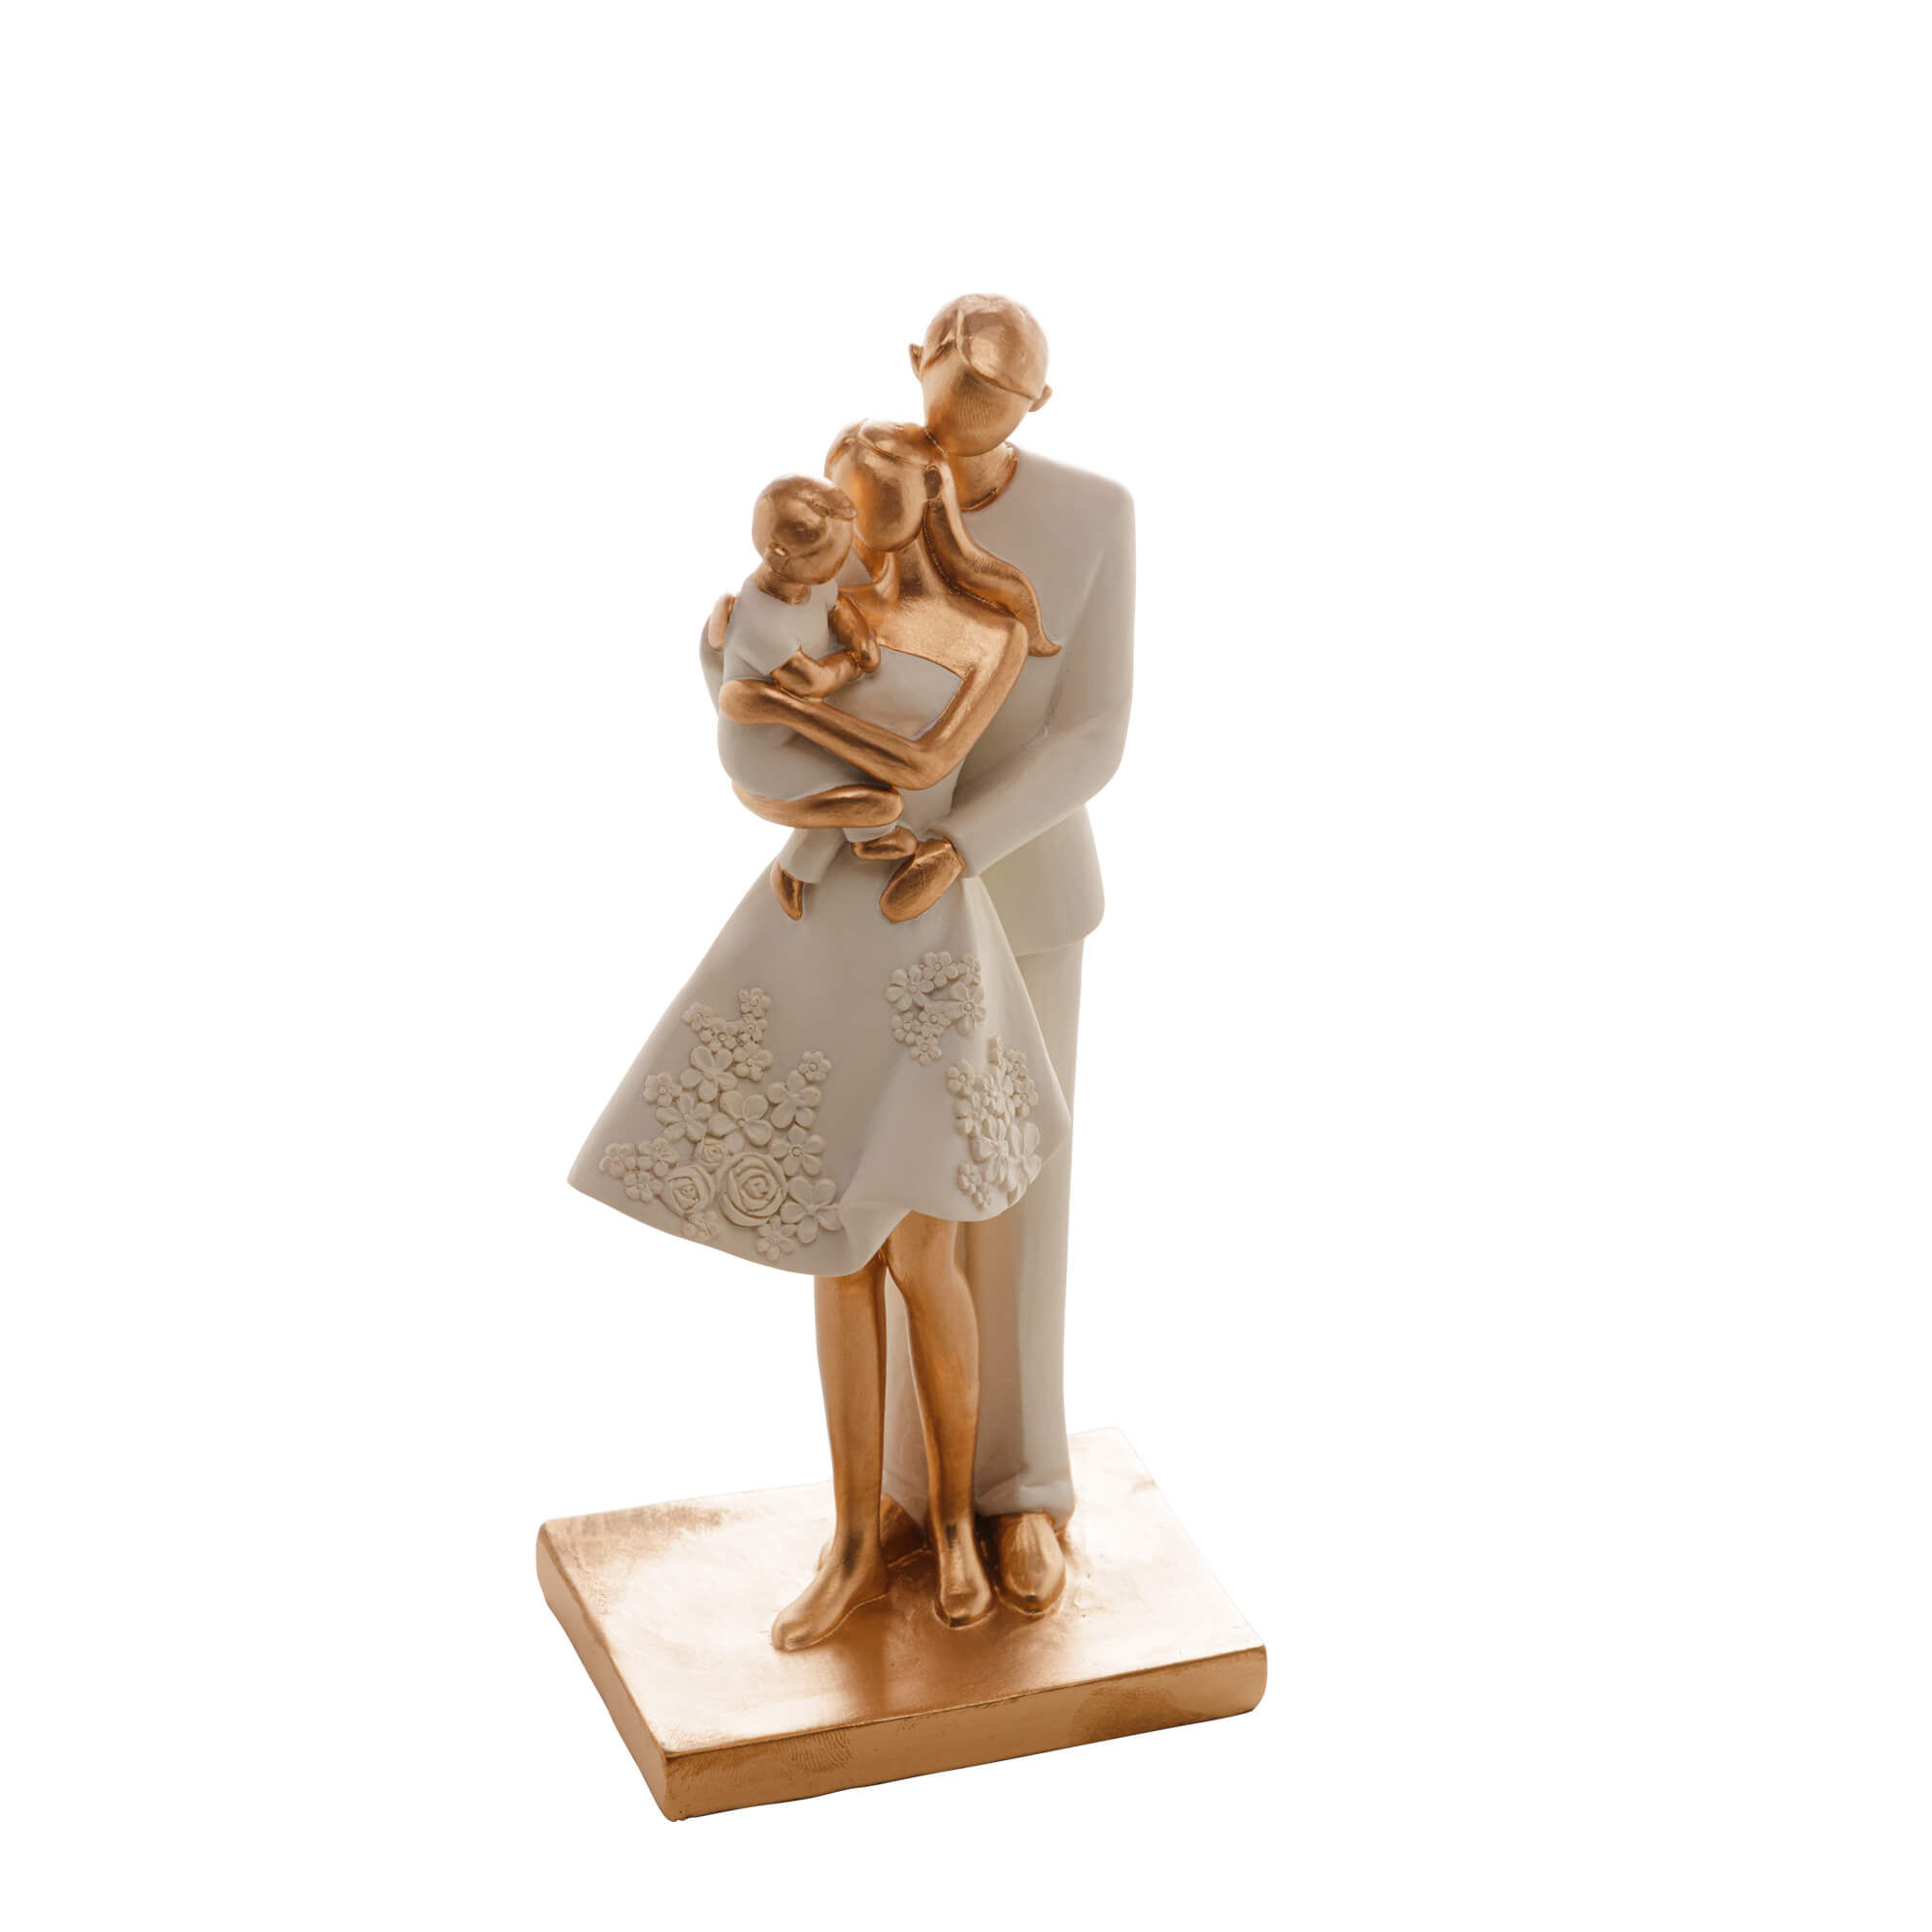 Escultura Família Decorativa em Resina Ouro Mãe, Pai e Filho